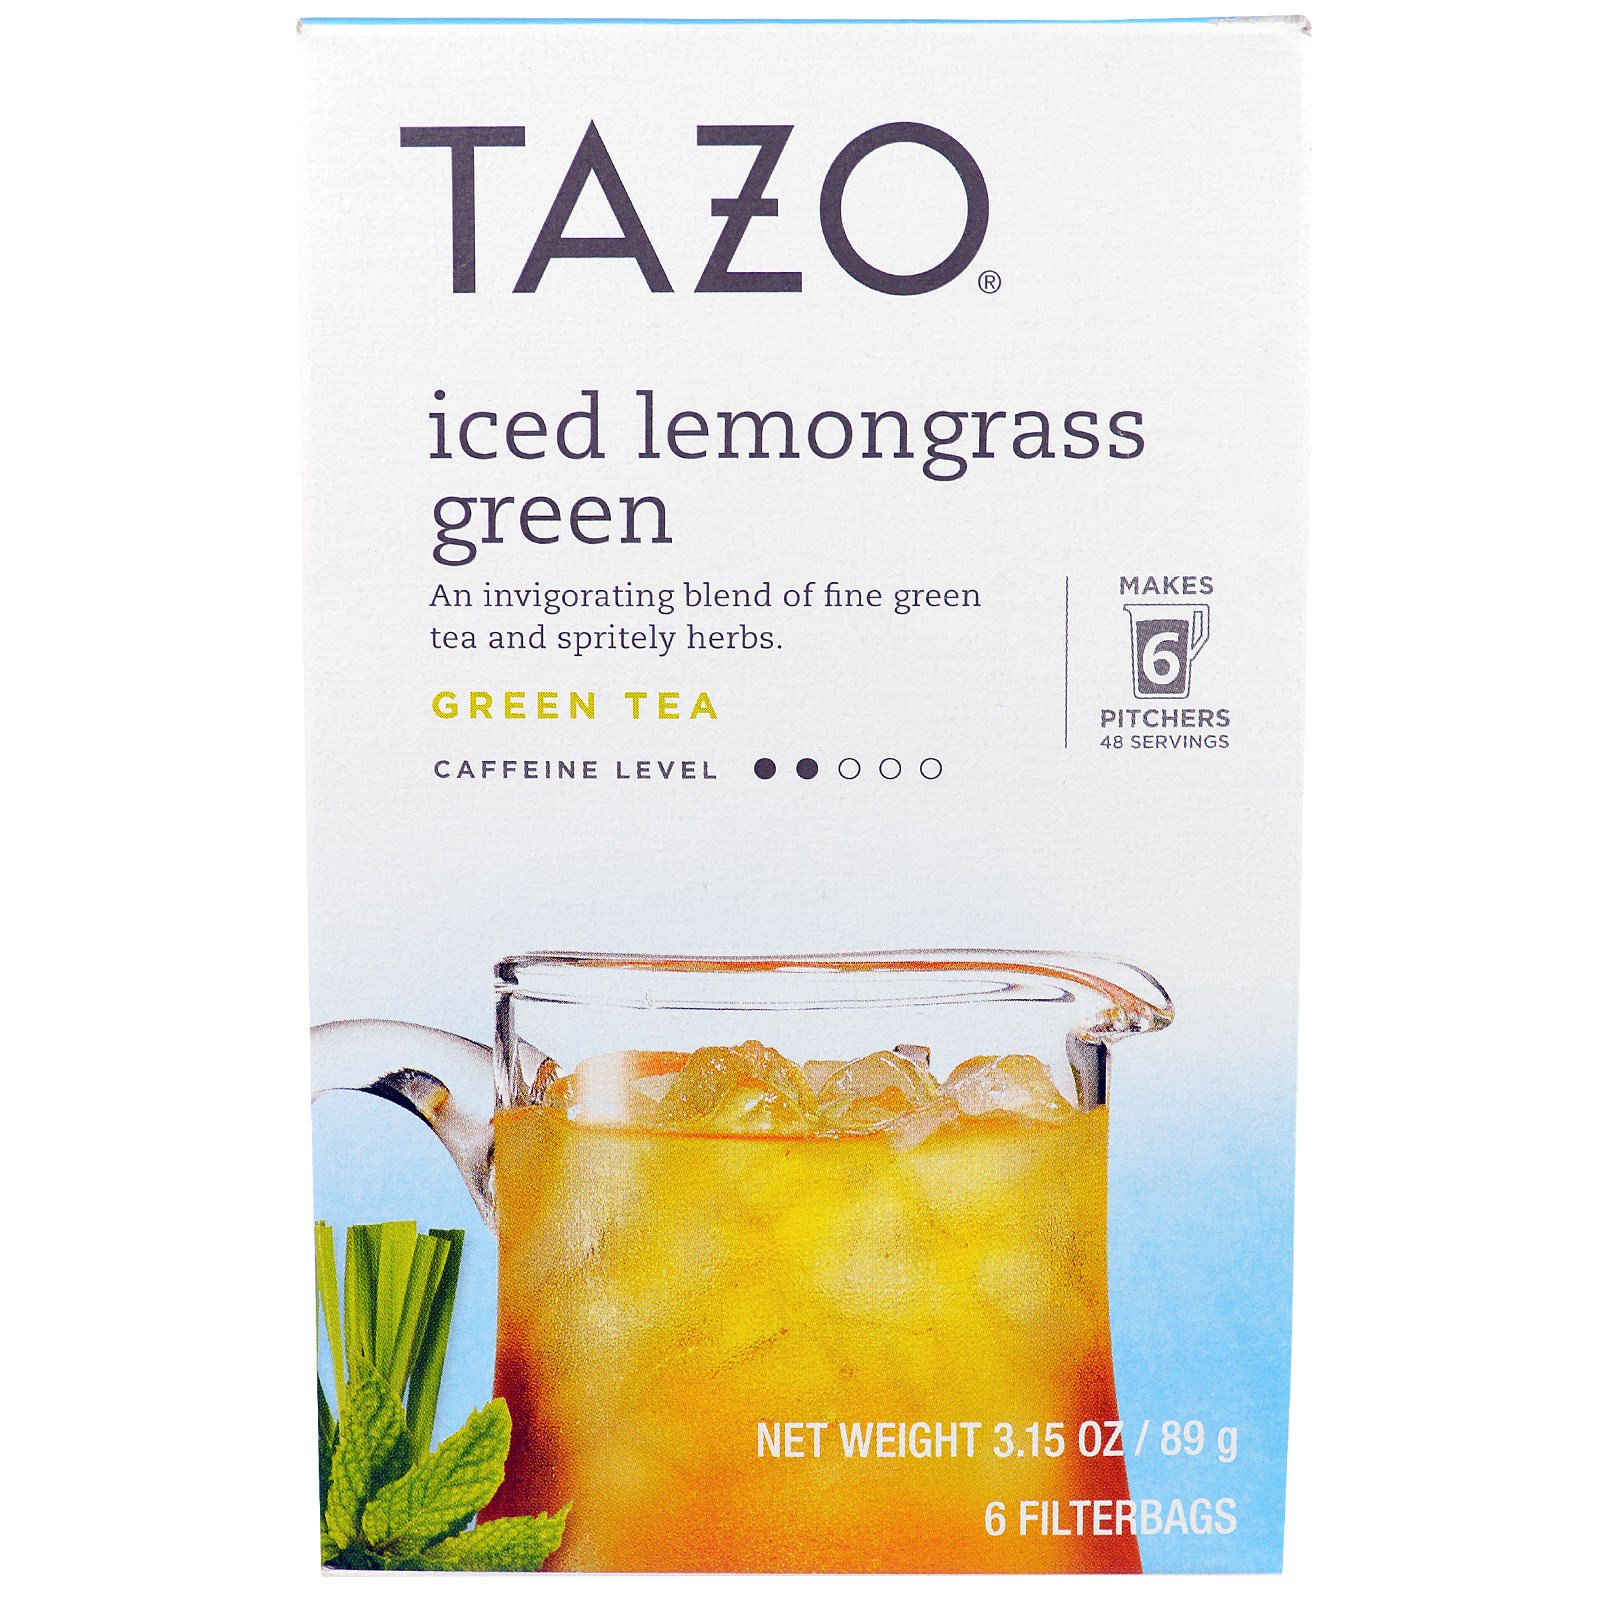 Tazo Teas, Замороженный зеленый чай с лимонником, 6 пакетиков, 3.15 унции(89 г)